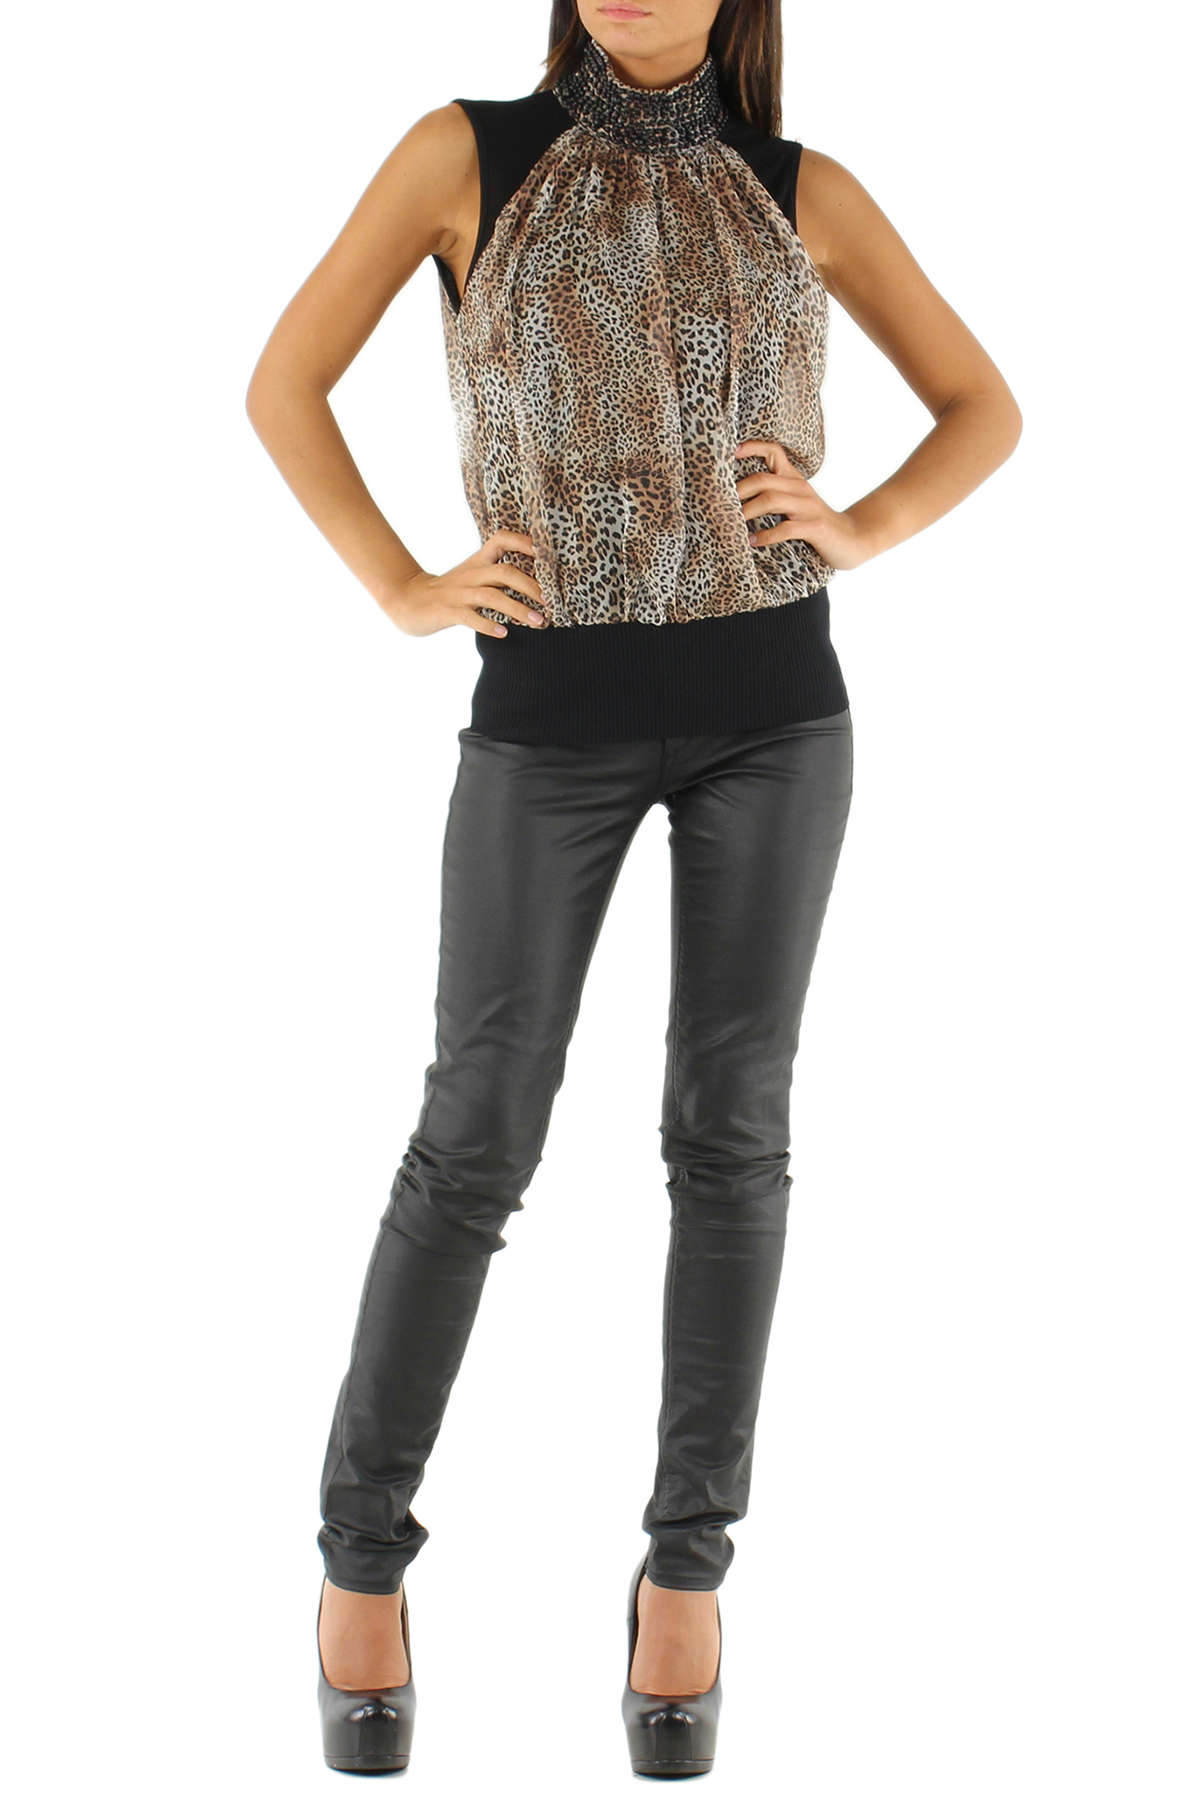 Top Donna Beige Lucy & Co Paris 11 8676 #c eFashion Paris